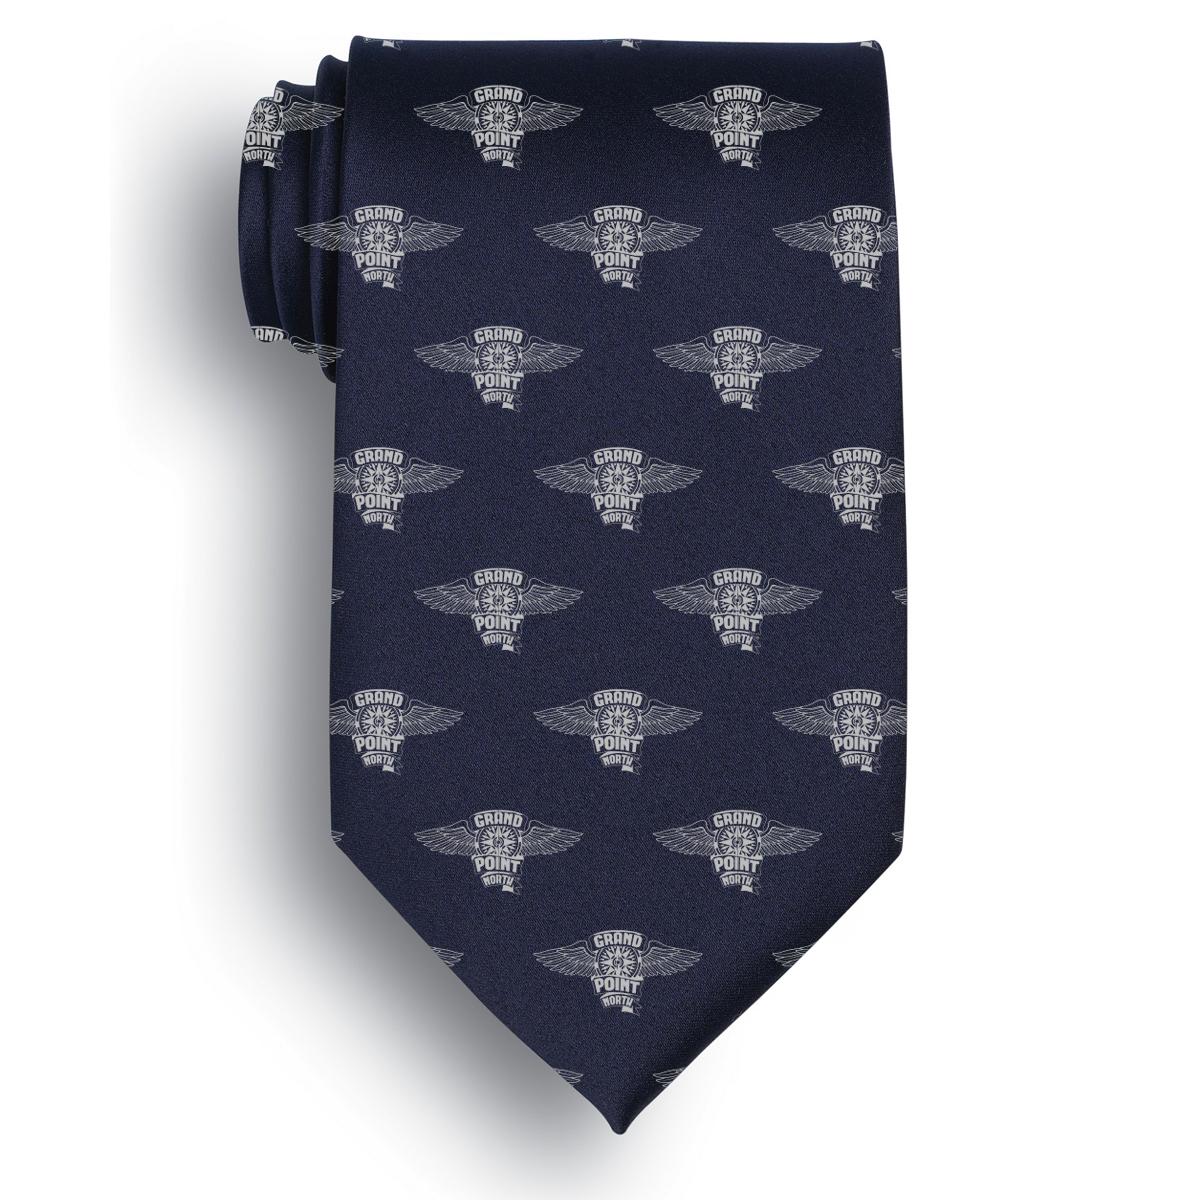 Grand Point North ® Necktie